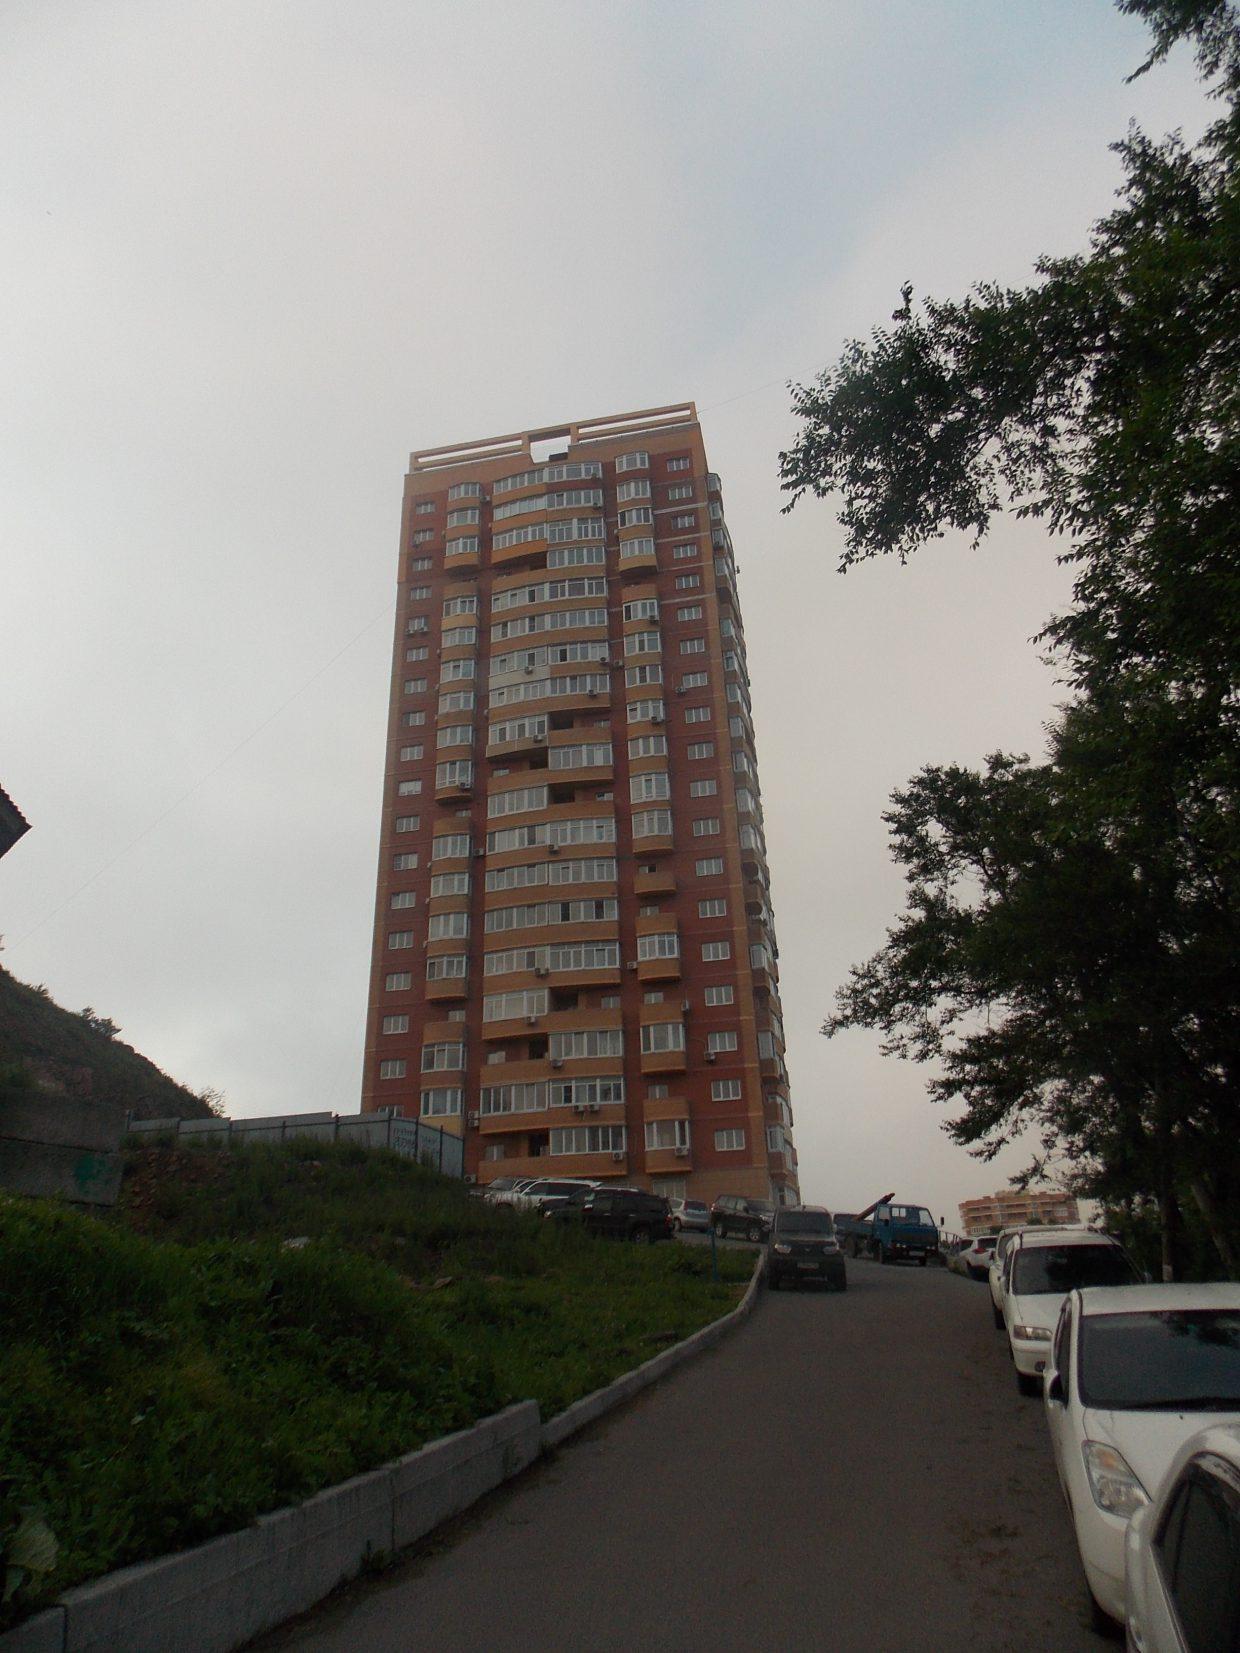 Многоэтажный жилой дом со встроенными помещениями в районе пр-та Острякова, 6 в г. Владивостоке